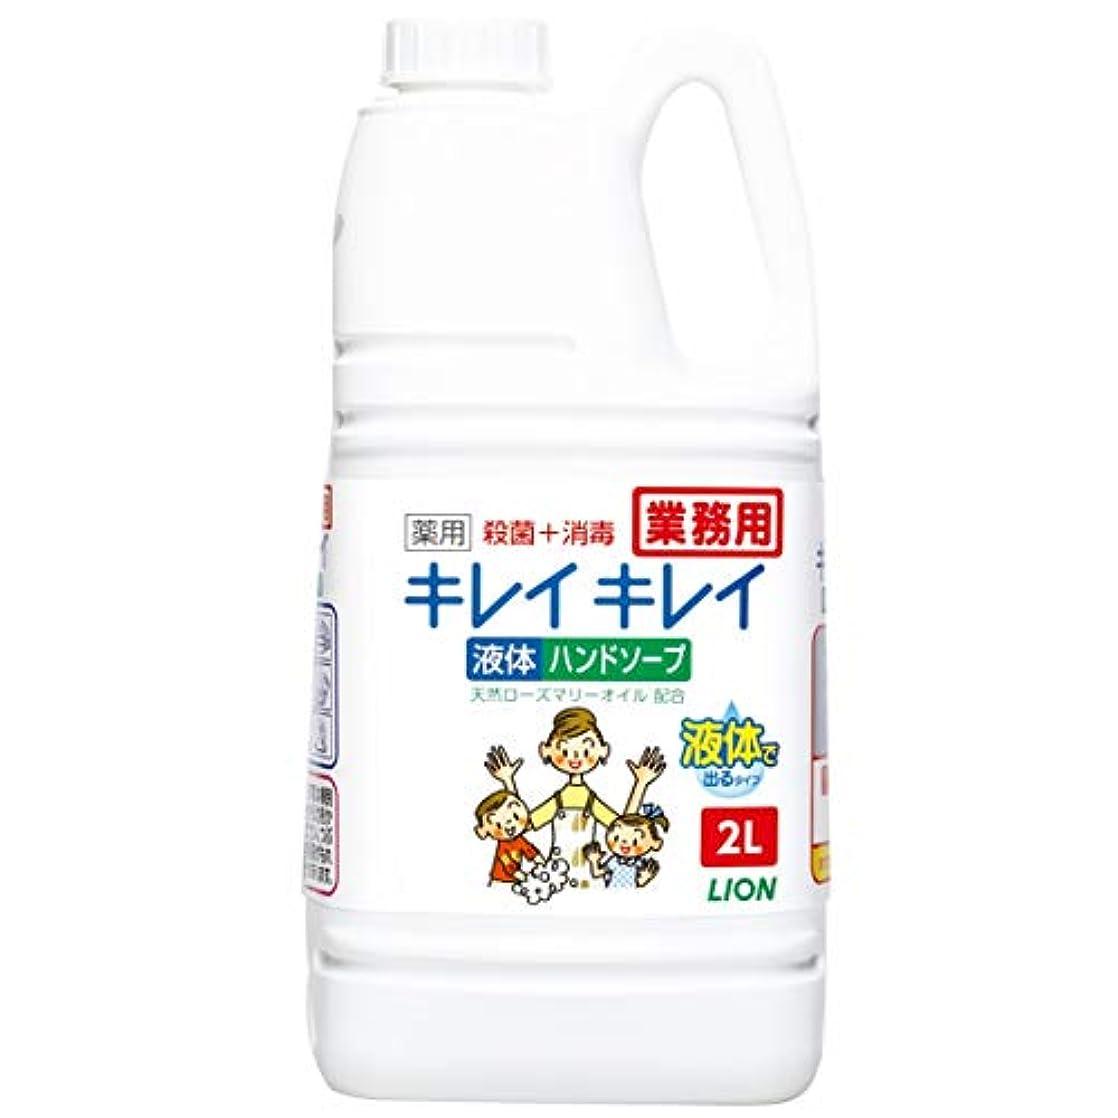 たまにアウトドアやさしく【業務用 大容量】キレイキレイ 薬用 ハンドソープ 2L(医薬部外品)